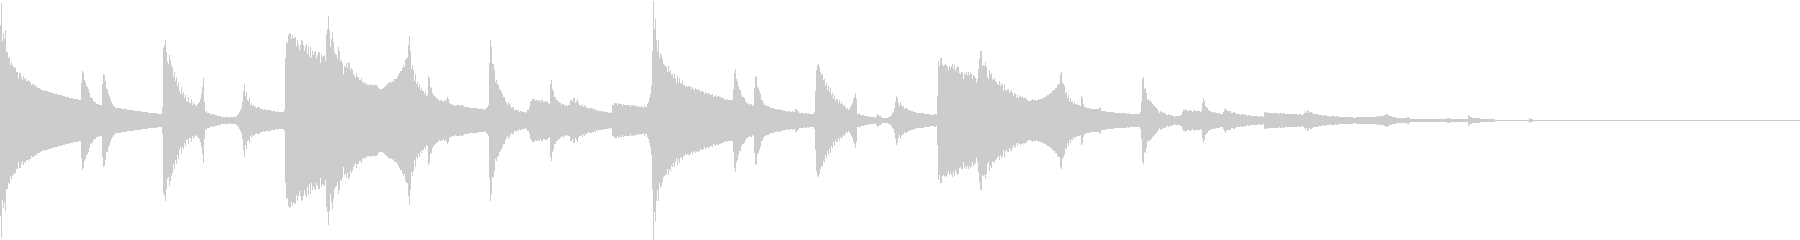 時報風 合図 ポーン 低めの未再生の波形